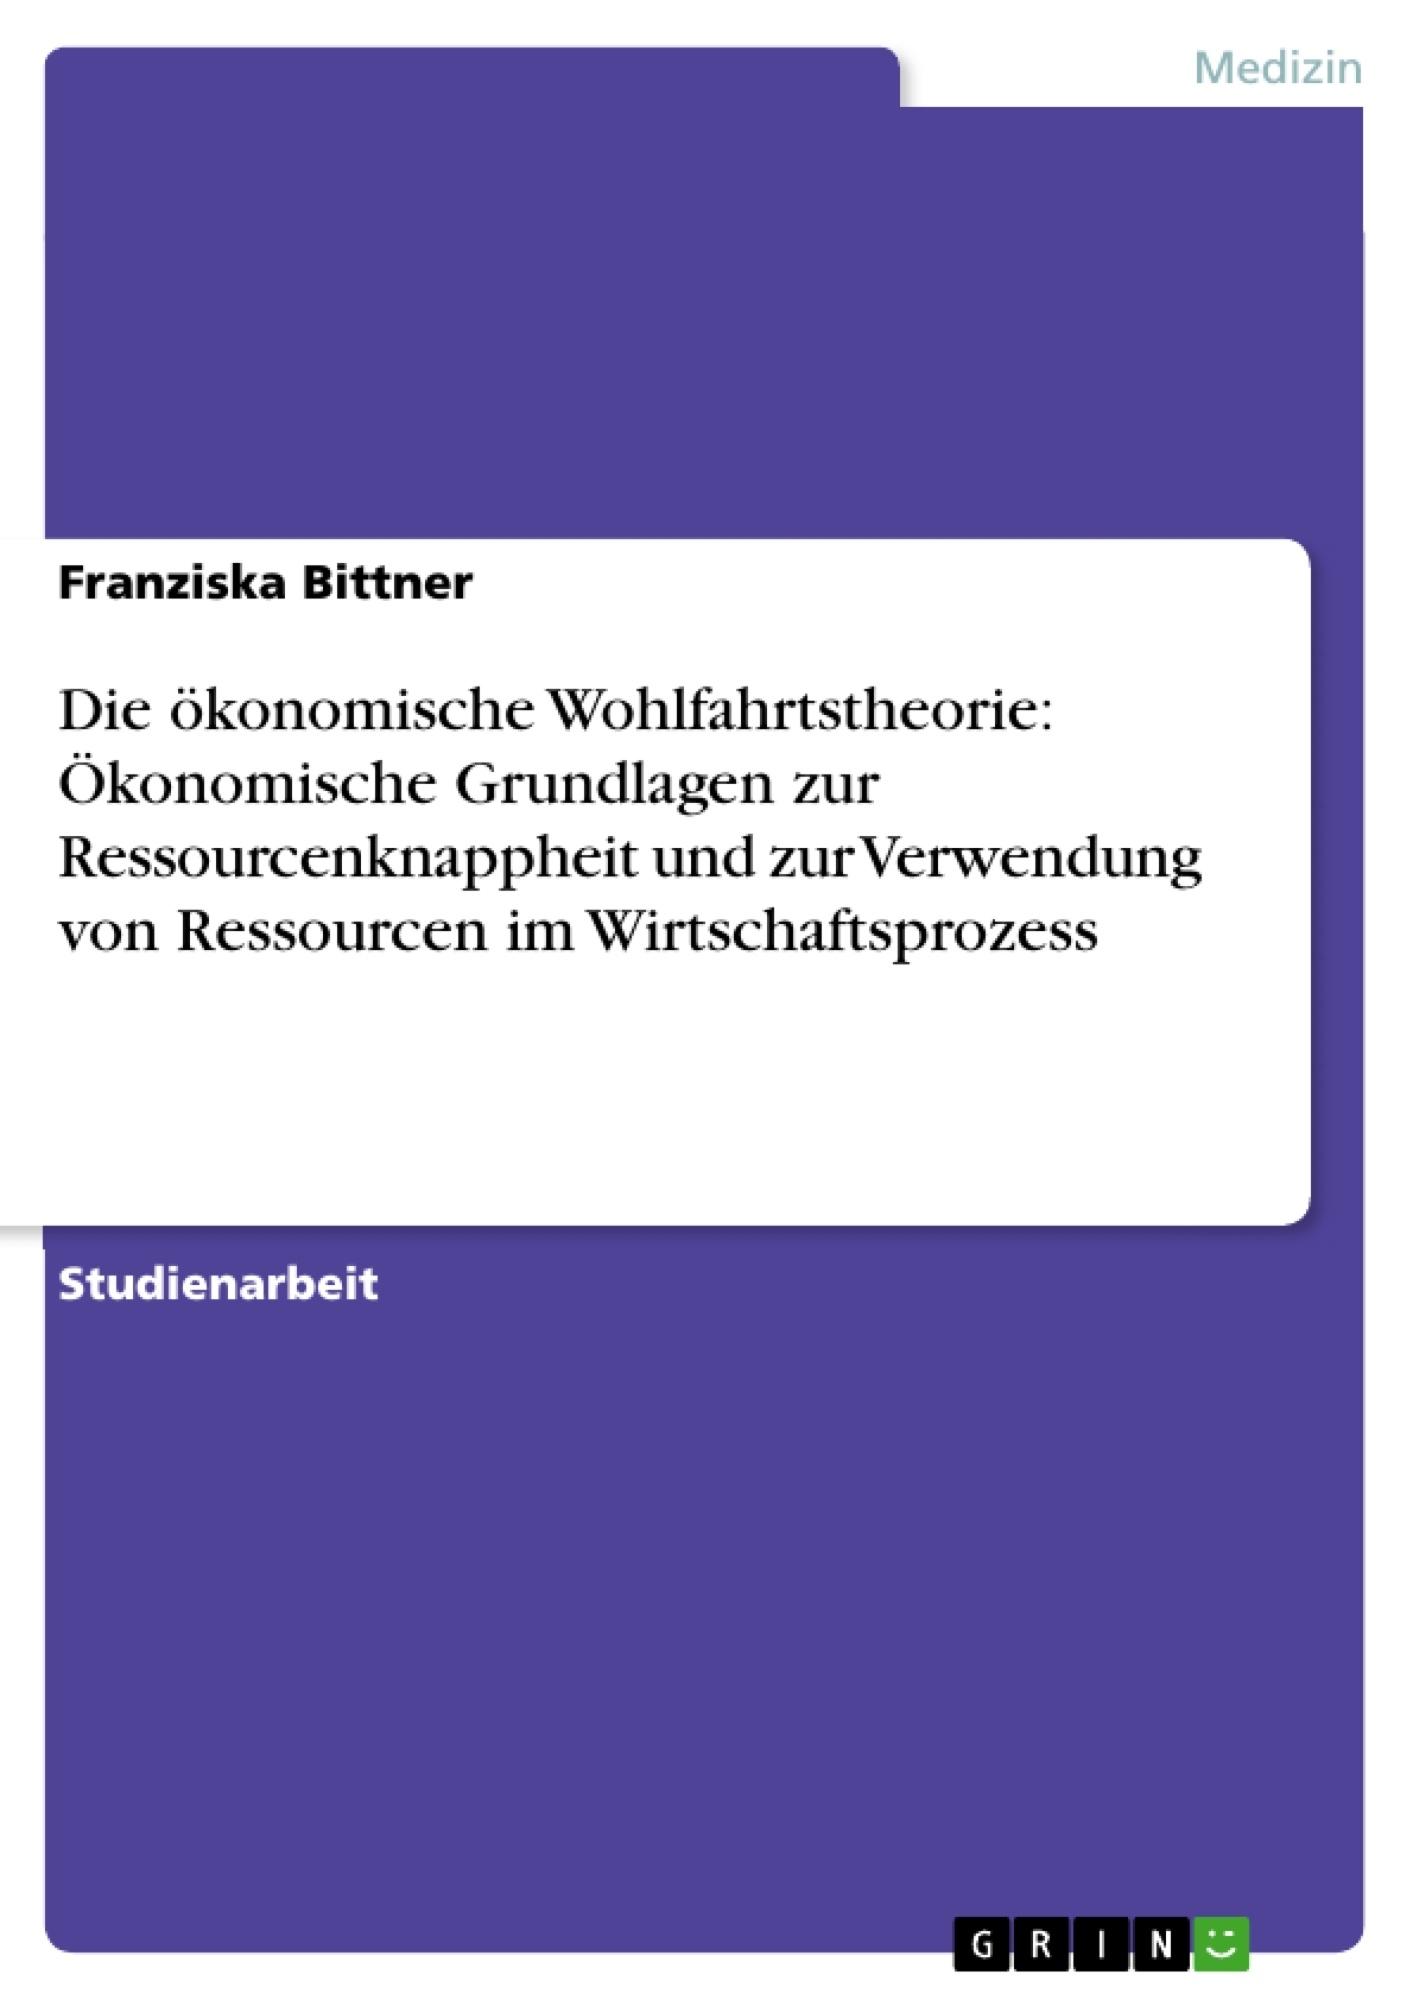 Titel: Die ökonomische Wohlfahrtstheorie: Ökonomische Grundlagen zur Ressourcenknappheit und zur Verwendung von Ressourcen im Wirtschaftsprozess